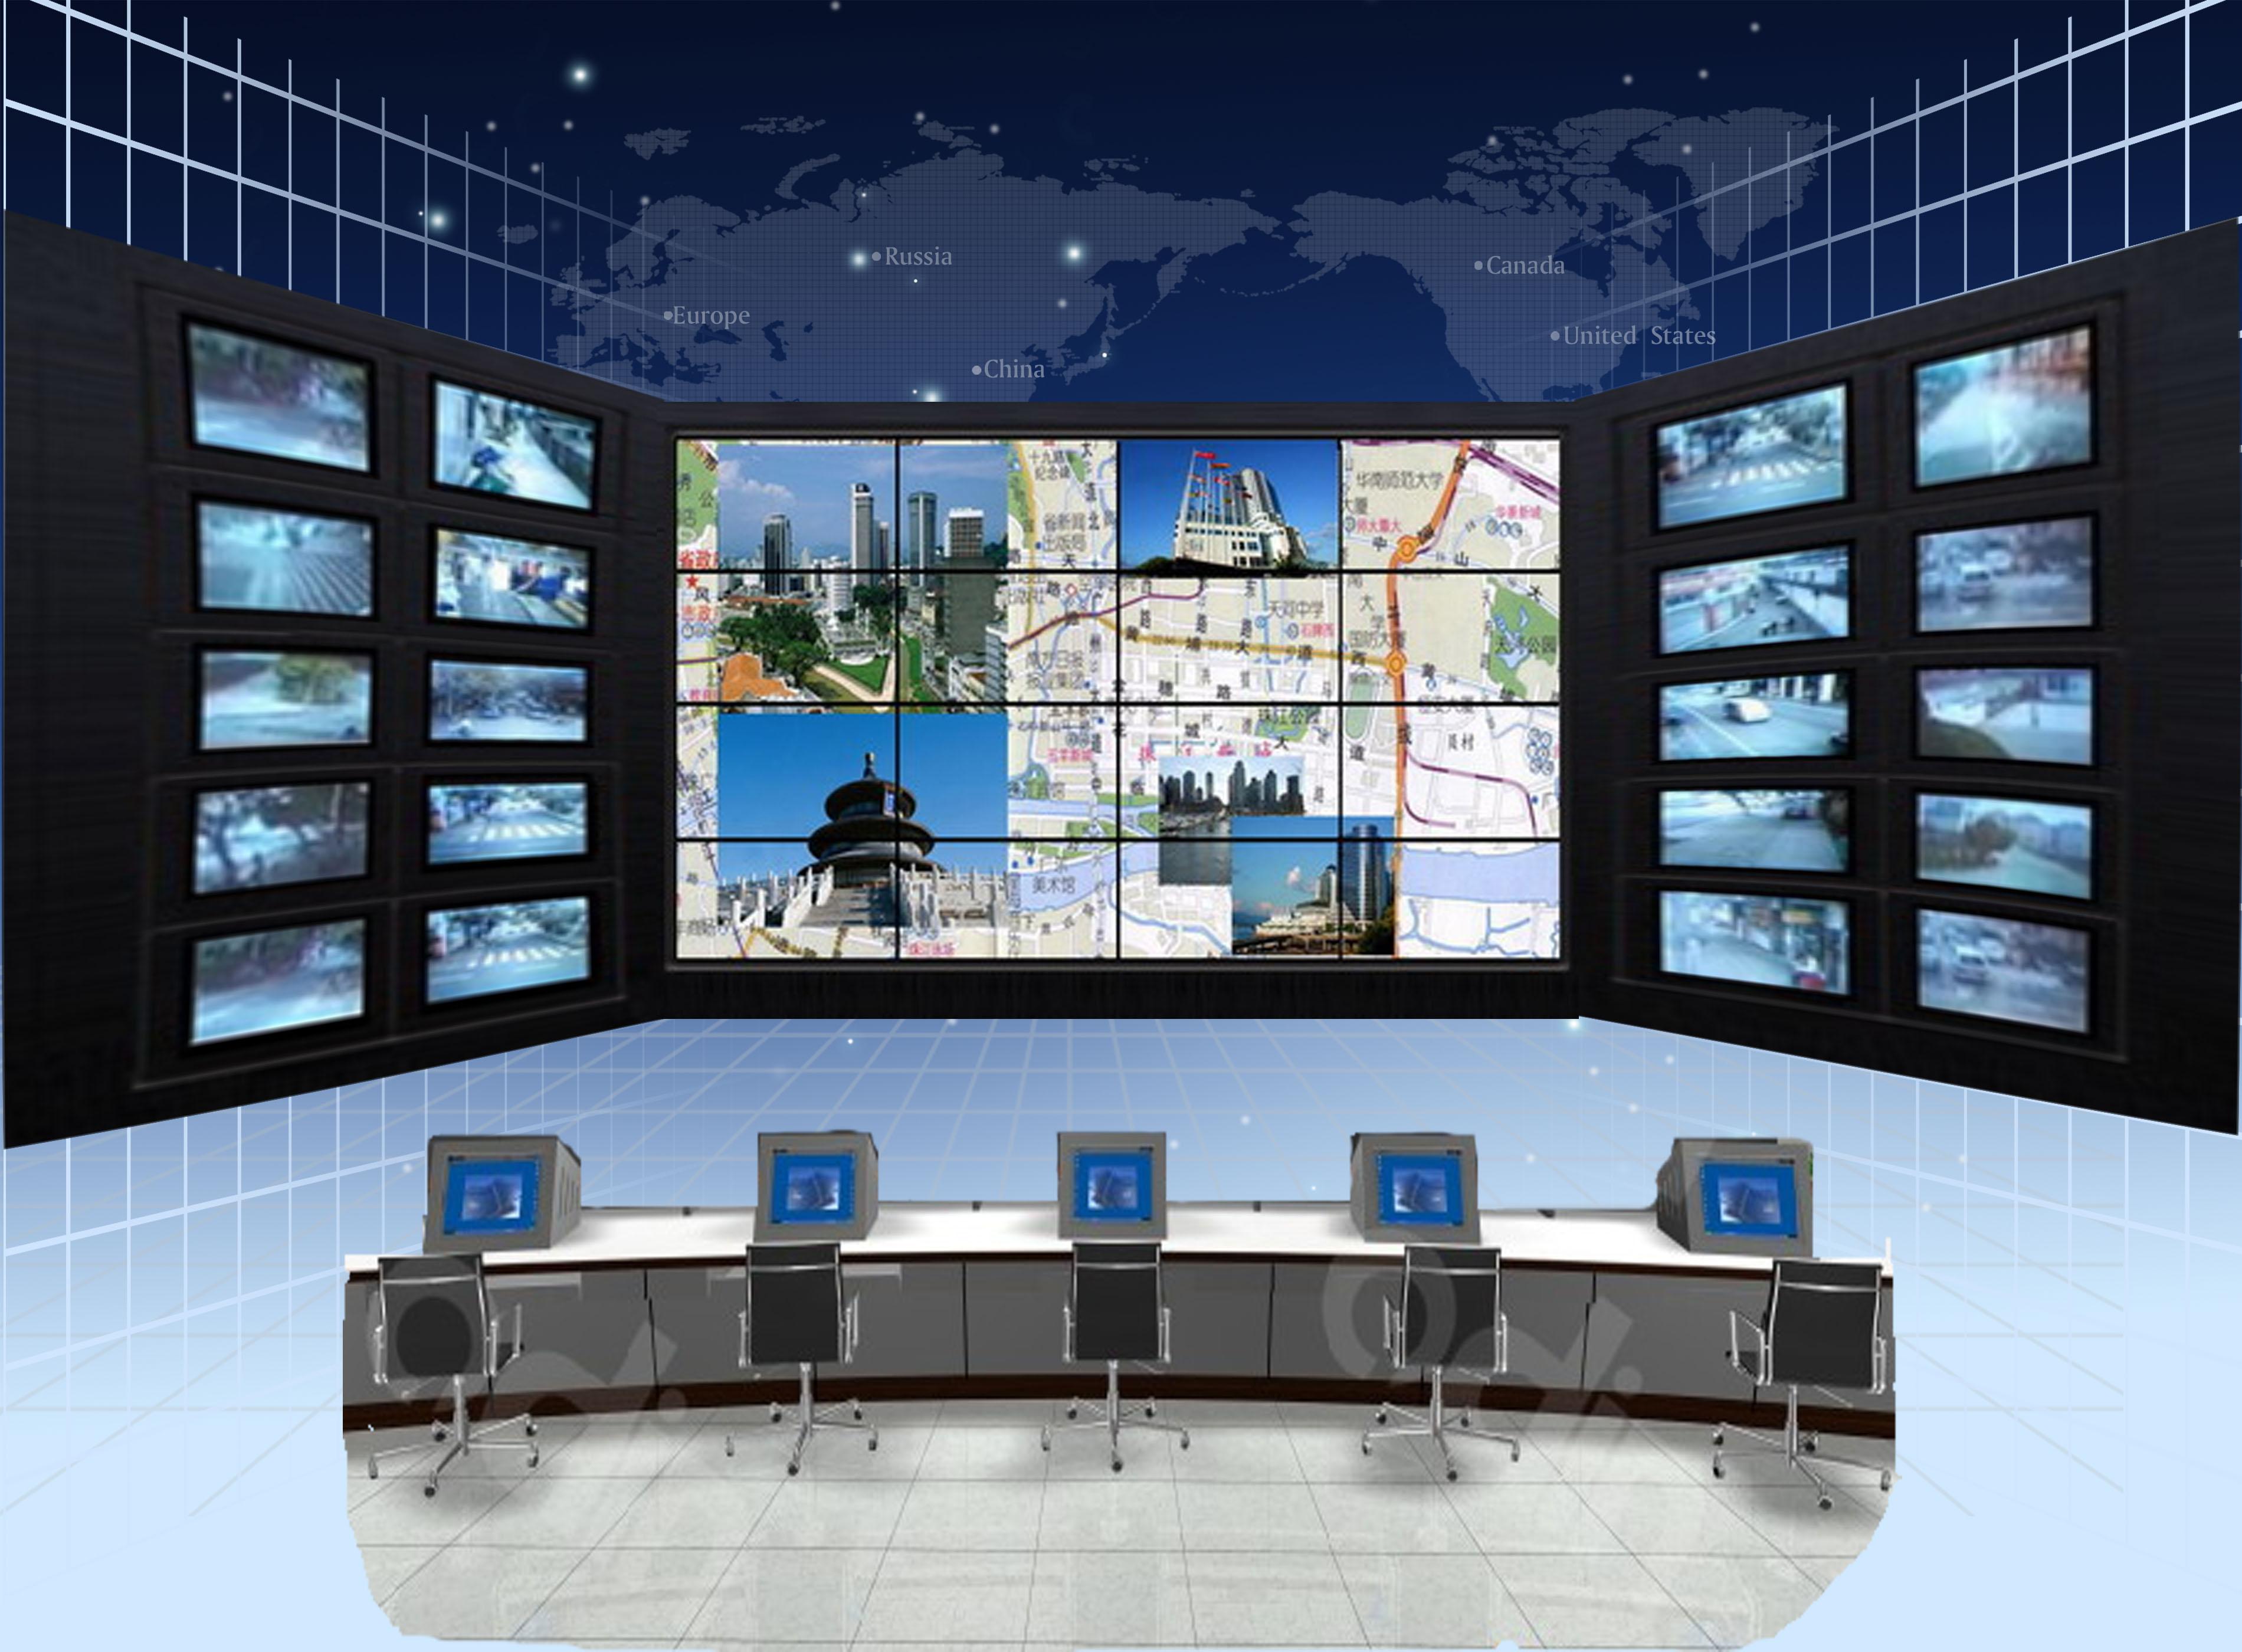 酒店宾馆管理系统软件门锁系统